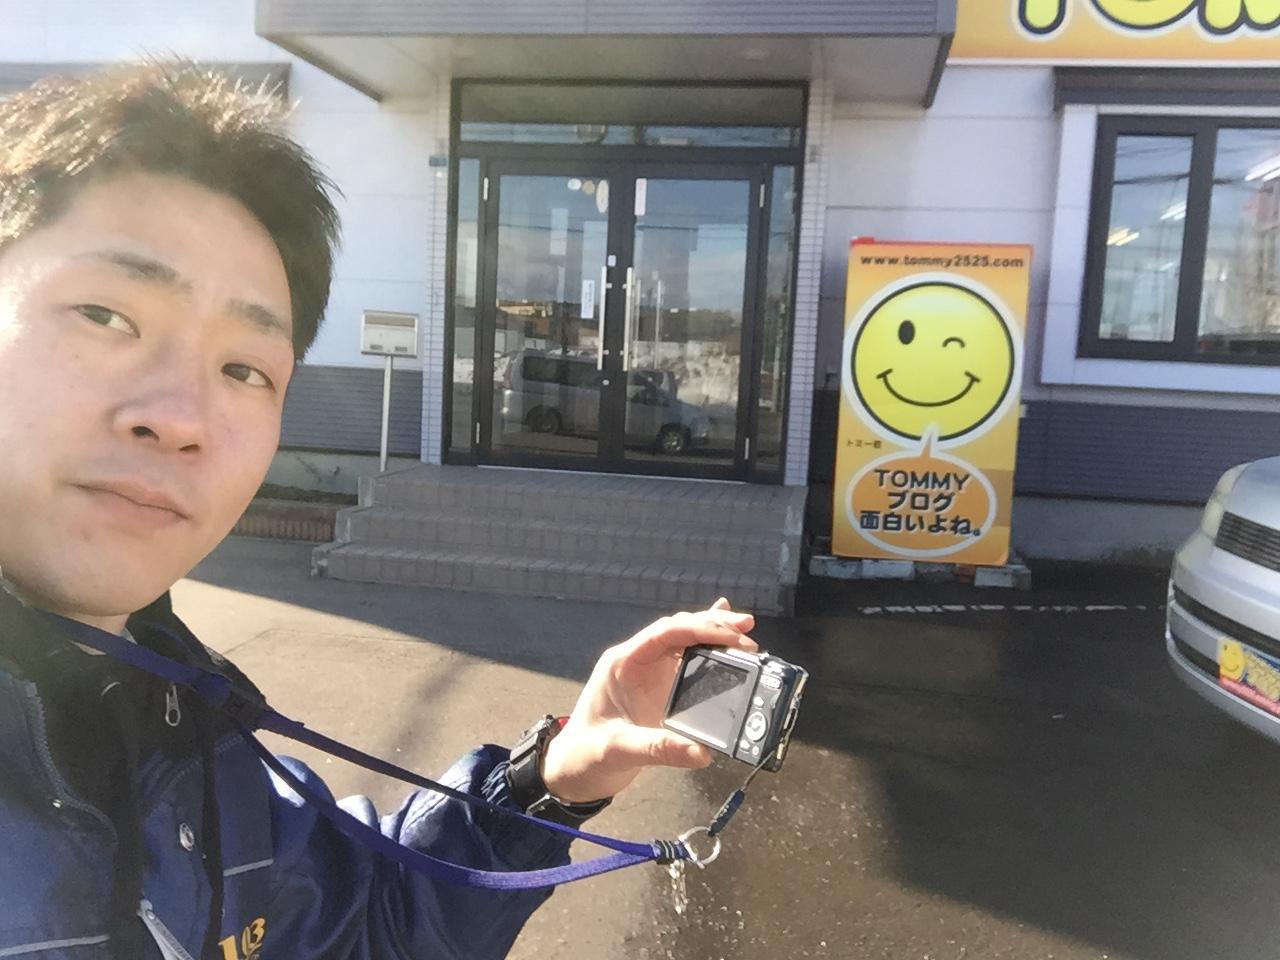 3月21日(月)トミーアウトレット☆グッチーブログ☆K様レガシィGTご成約!3連休最終日!!!_b0127002_1825061.jpg